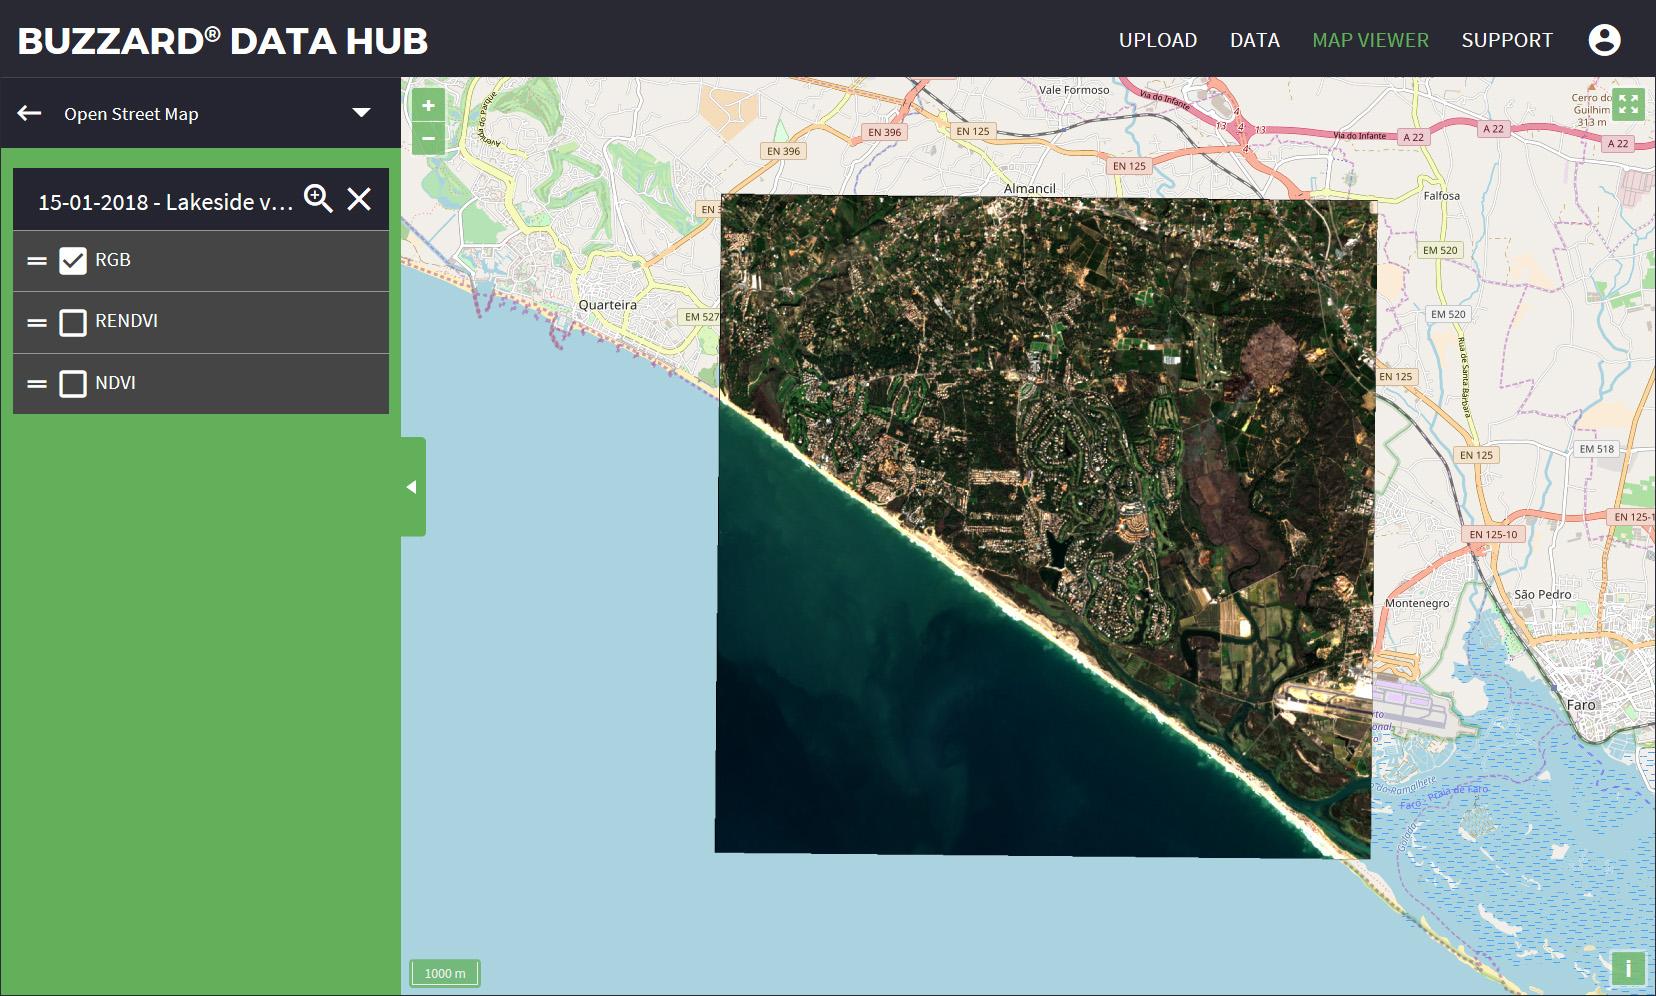 Buzzard Data Hub Map Viewer